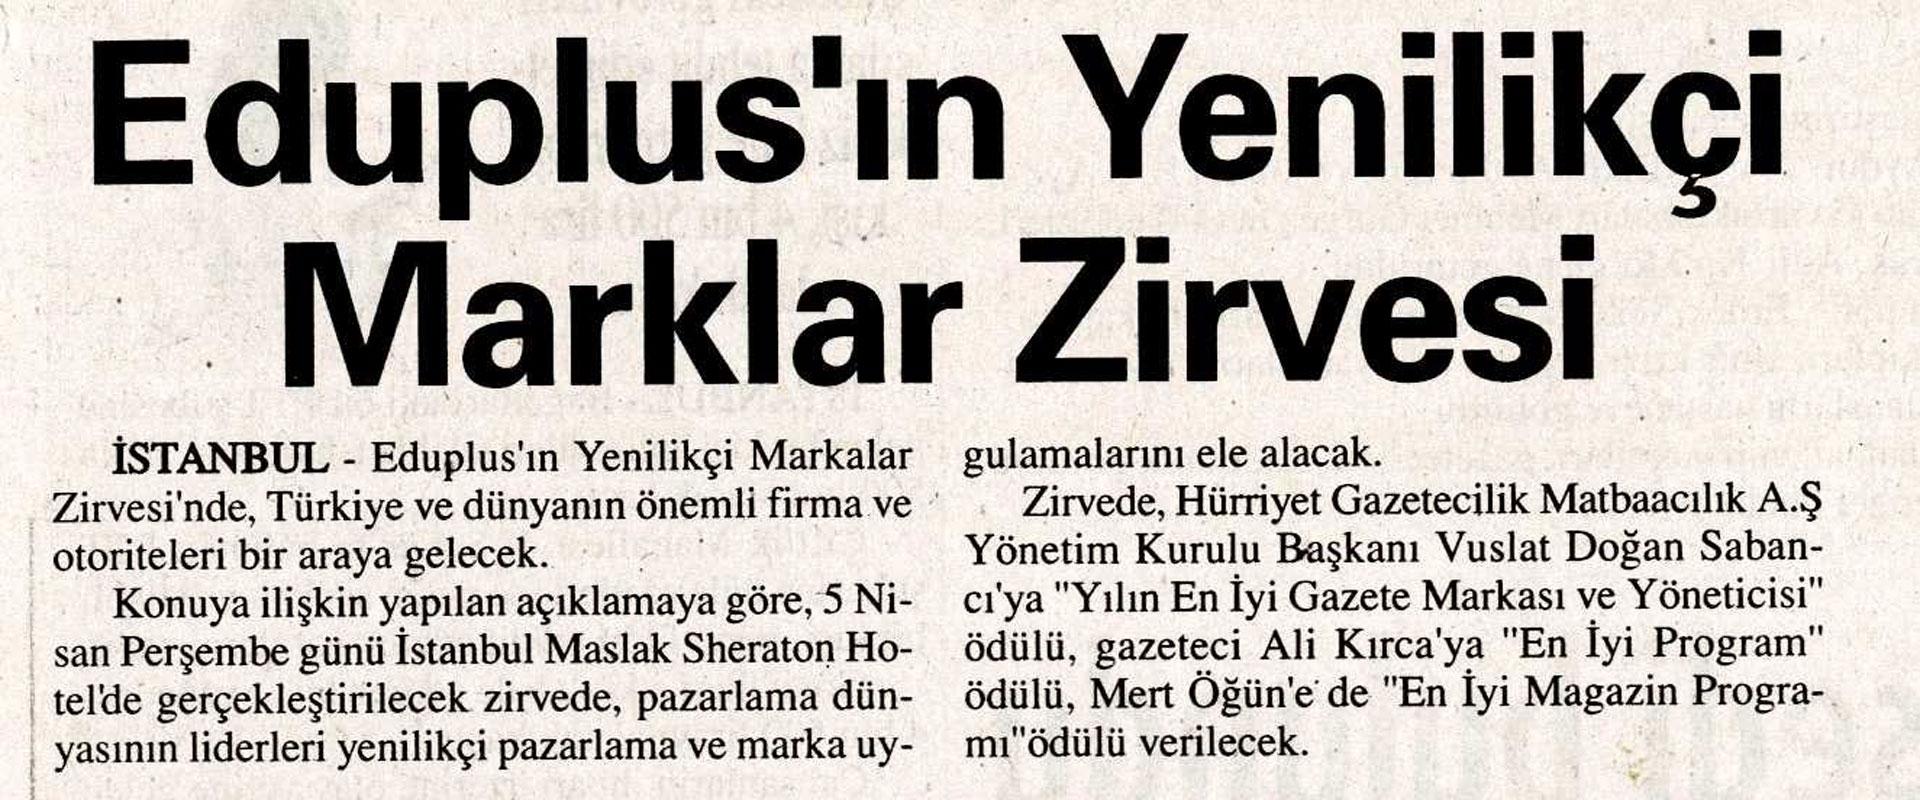 Bizim_Anadolu_03_04_2012_S7_T2000